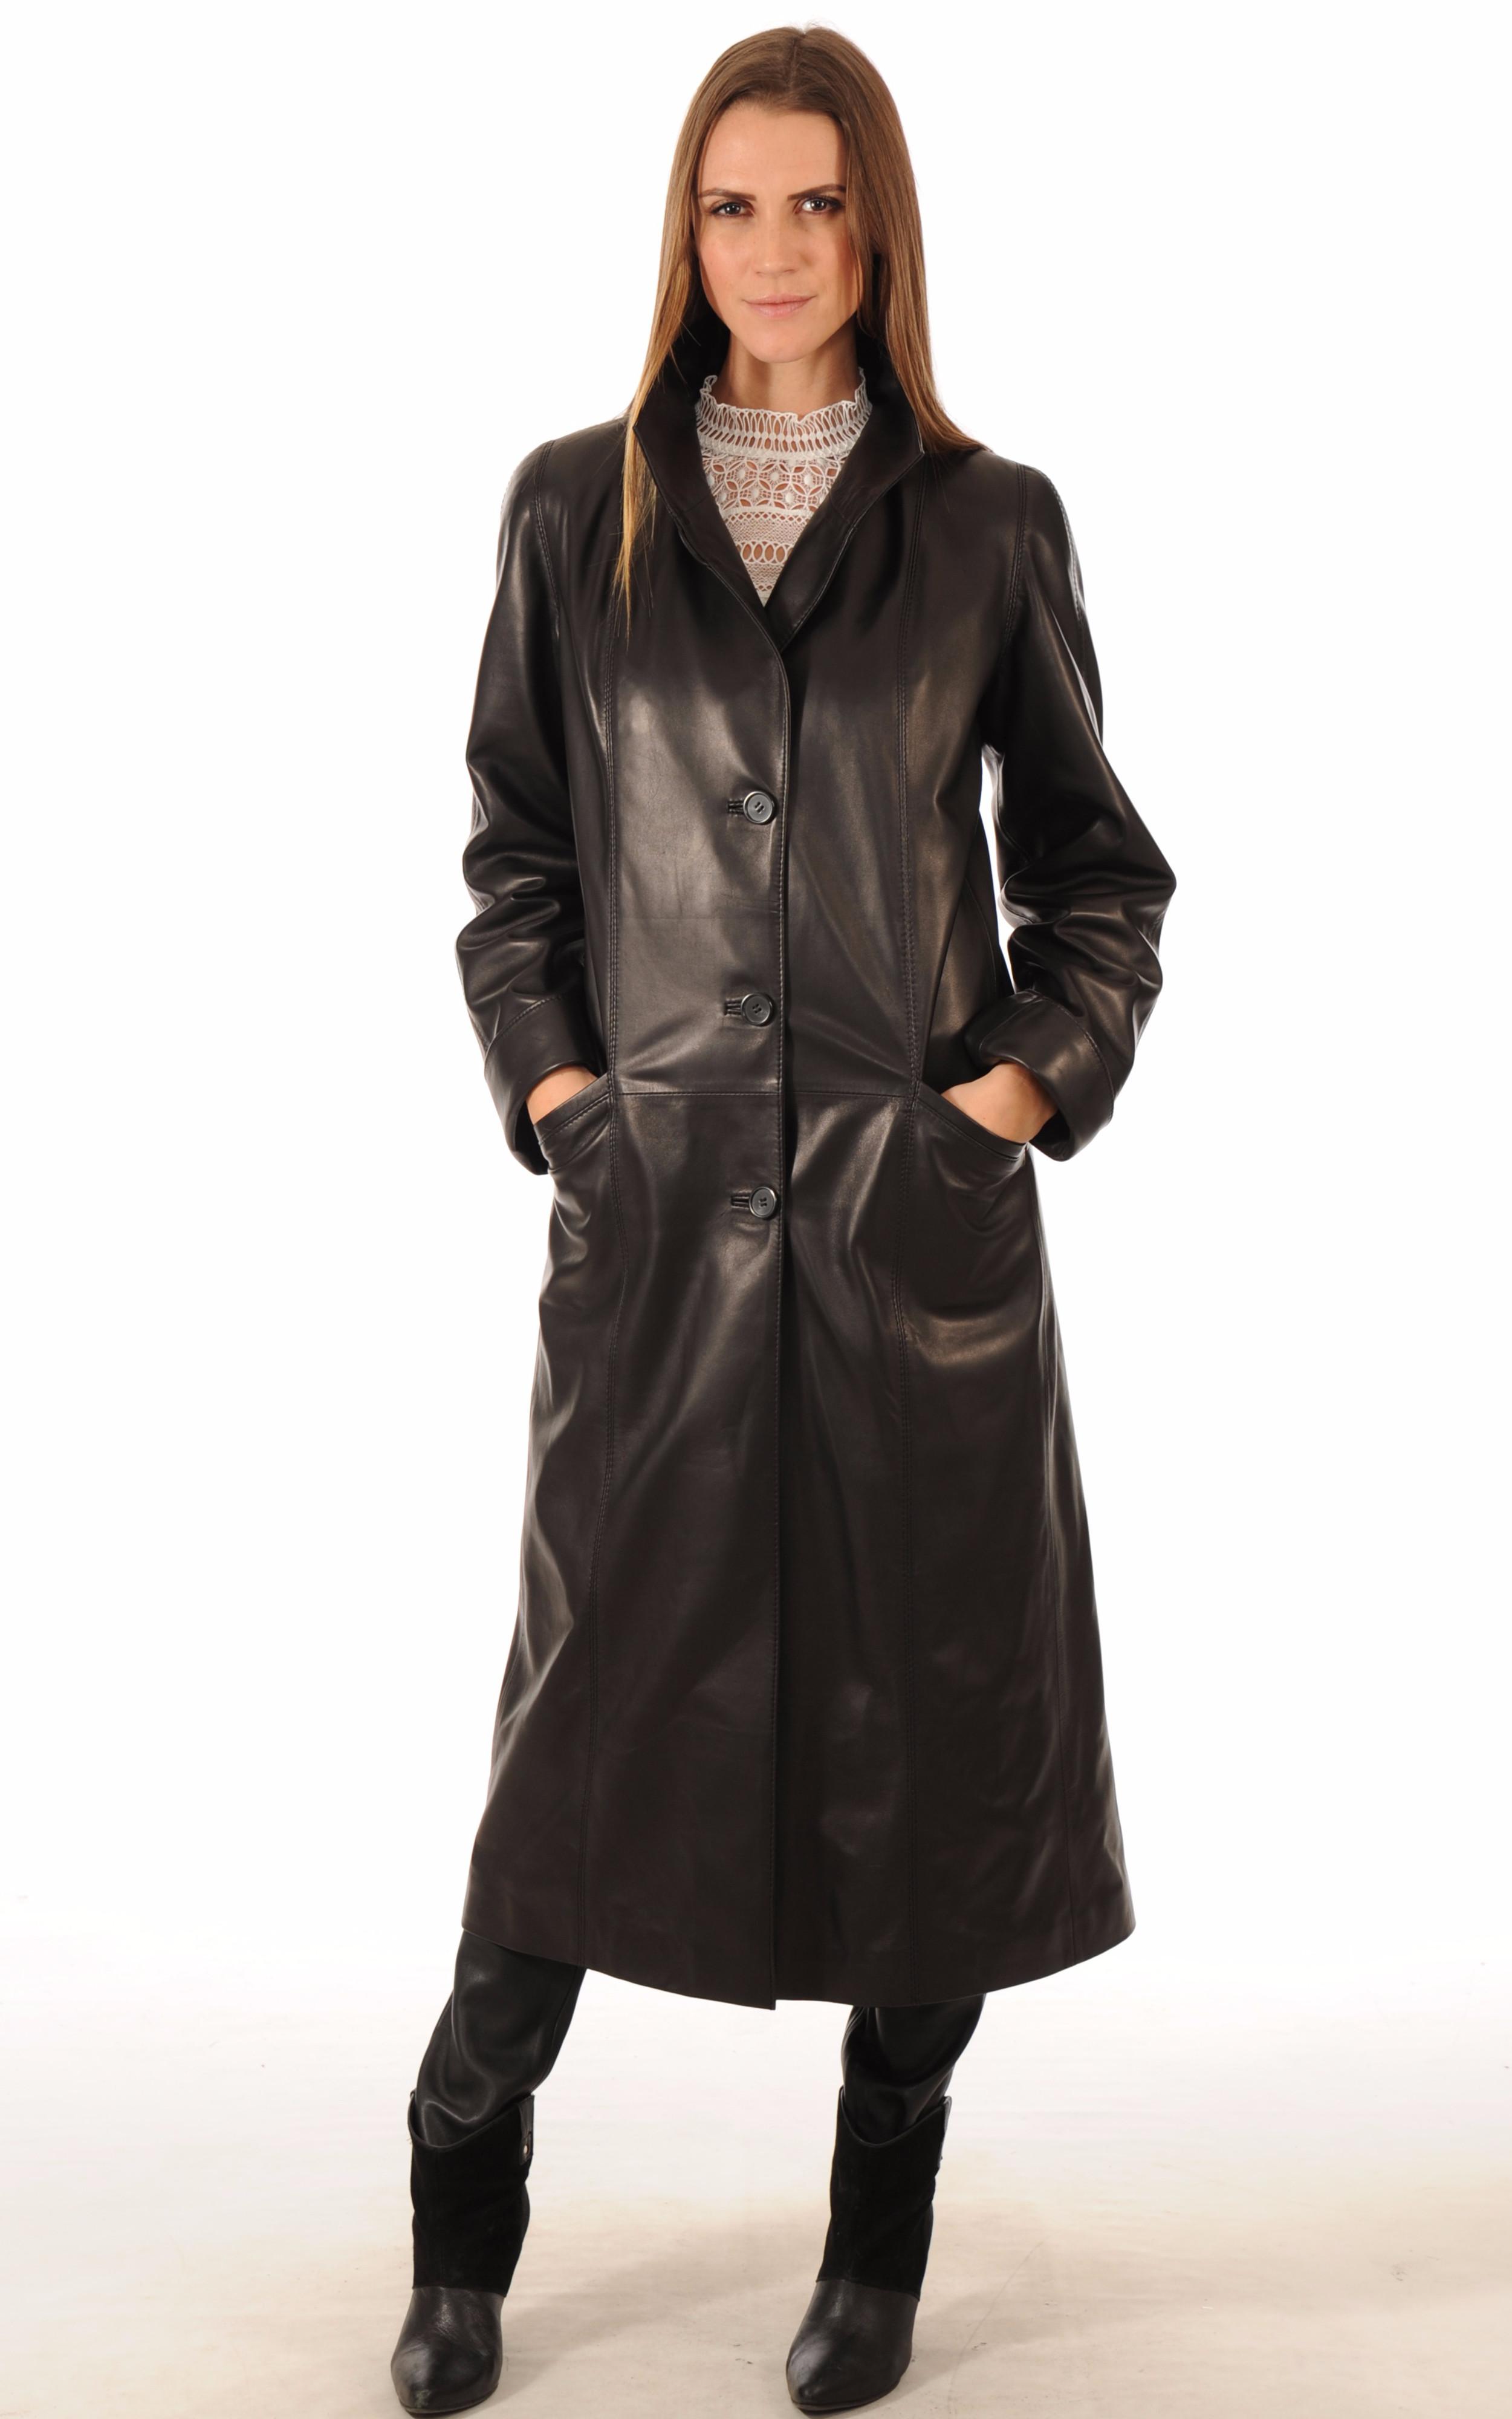 manteau long cuir femme noir la canadienne la canadienne manteau 7 8 cuir noir. Black Bedroom Furniture Sets. Home Design Ideas